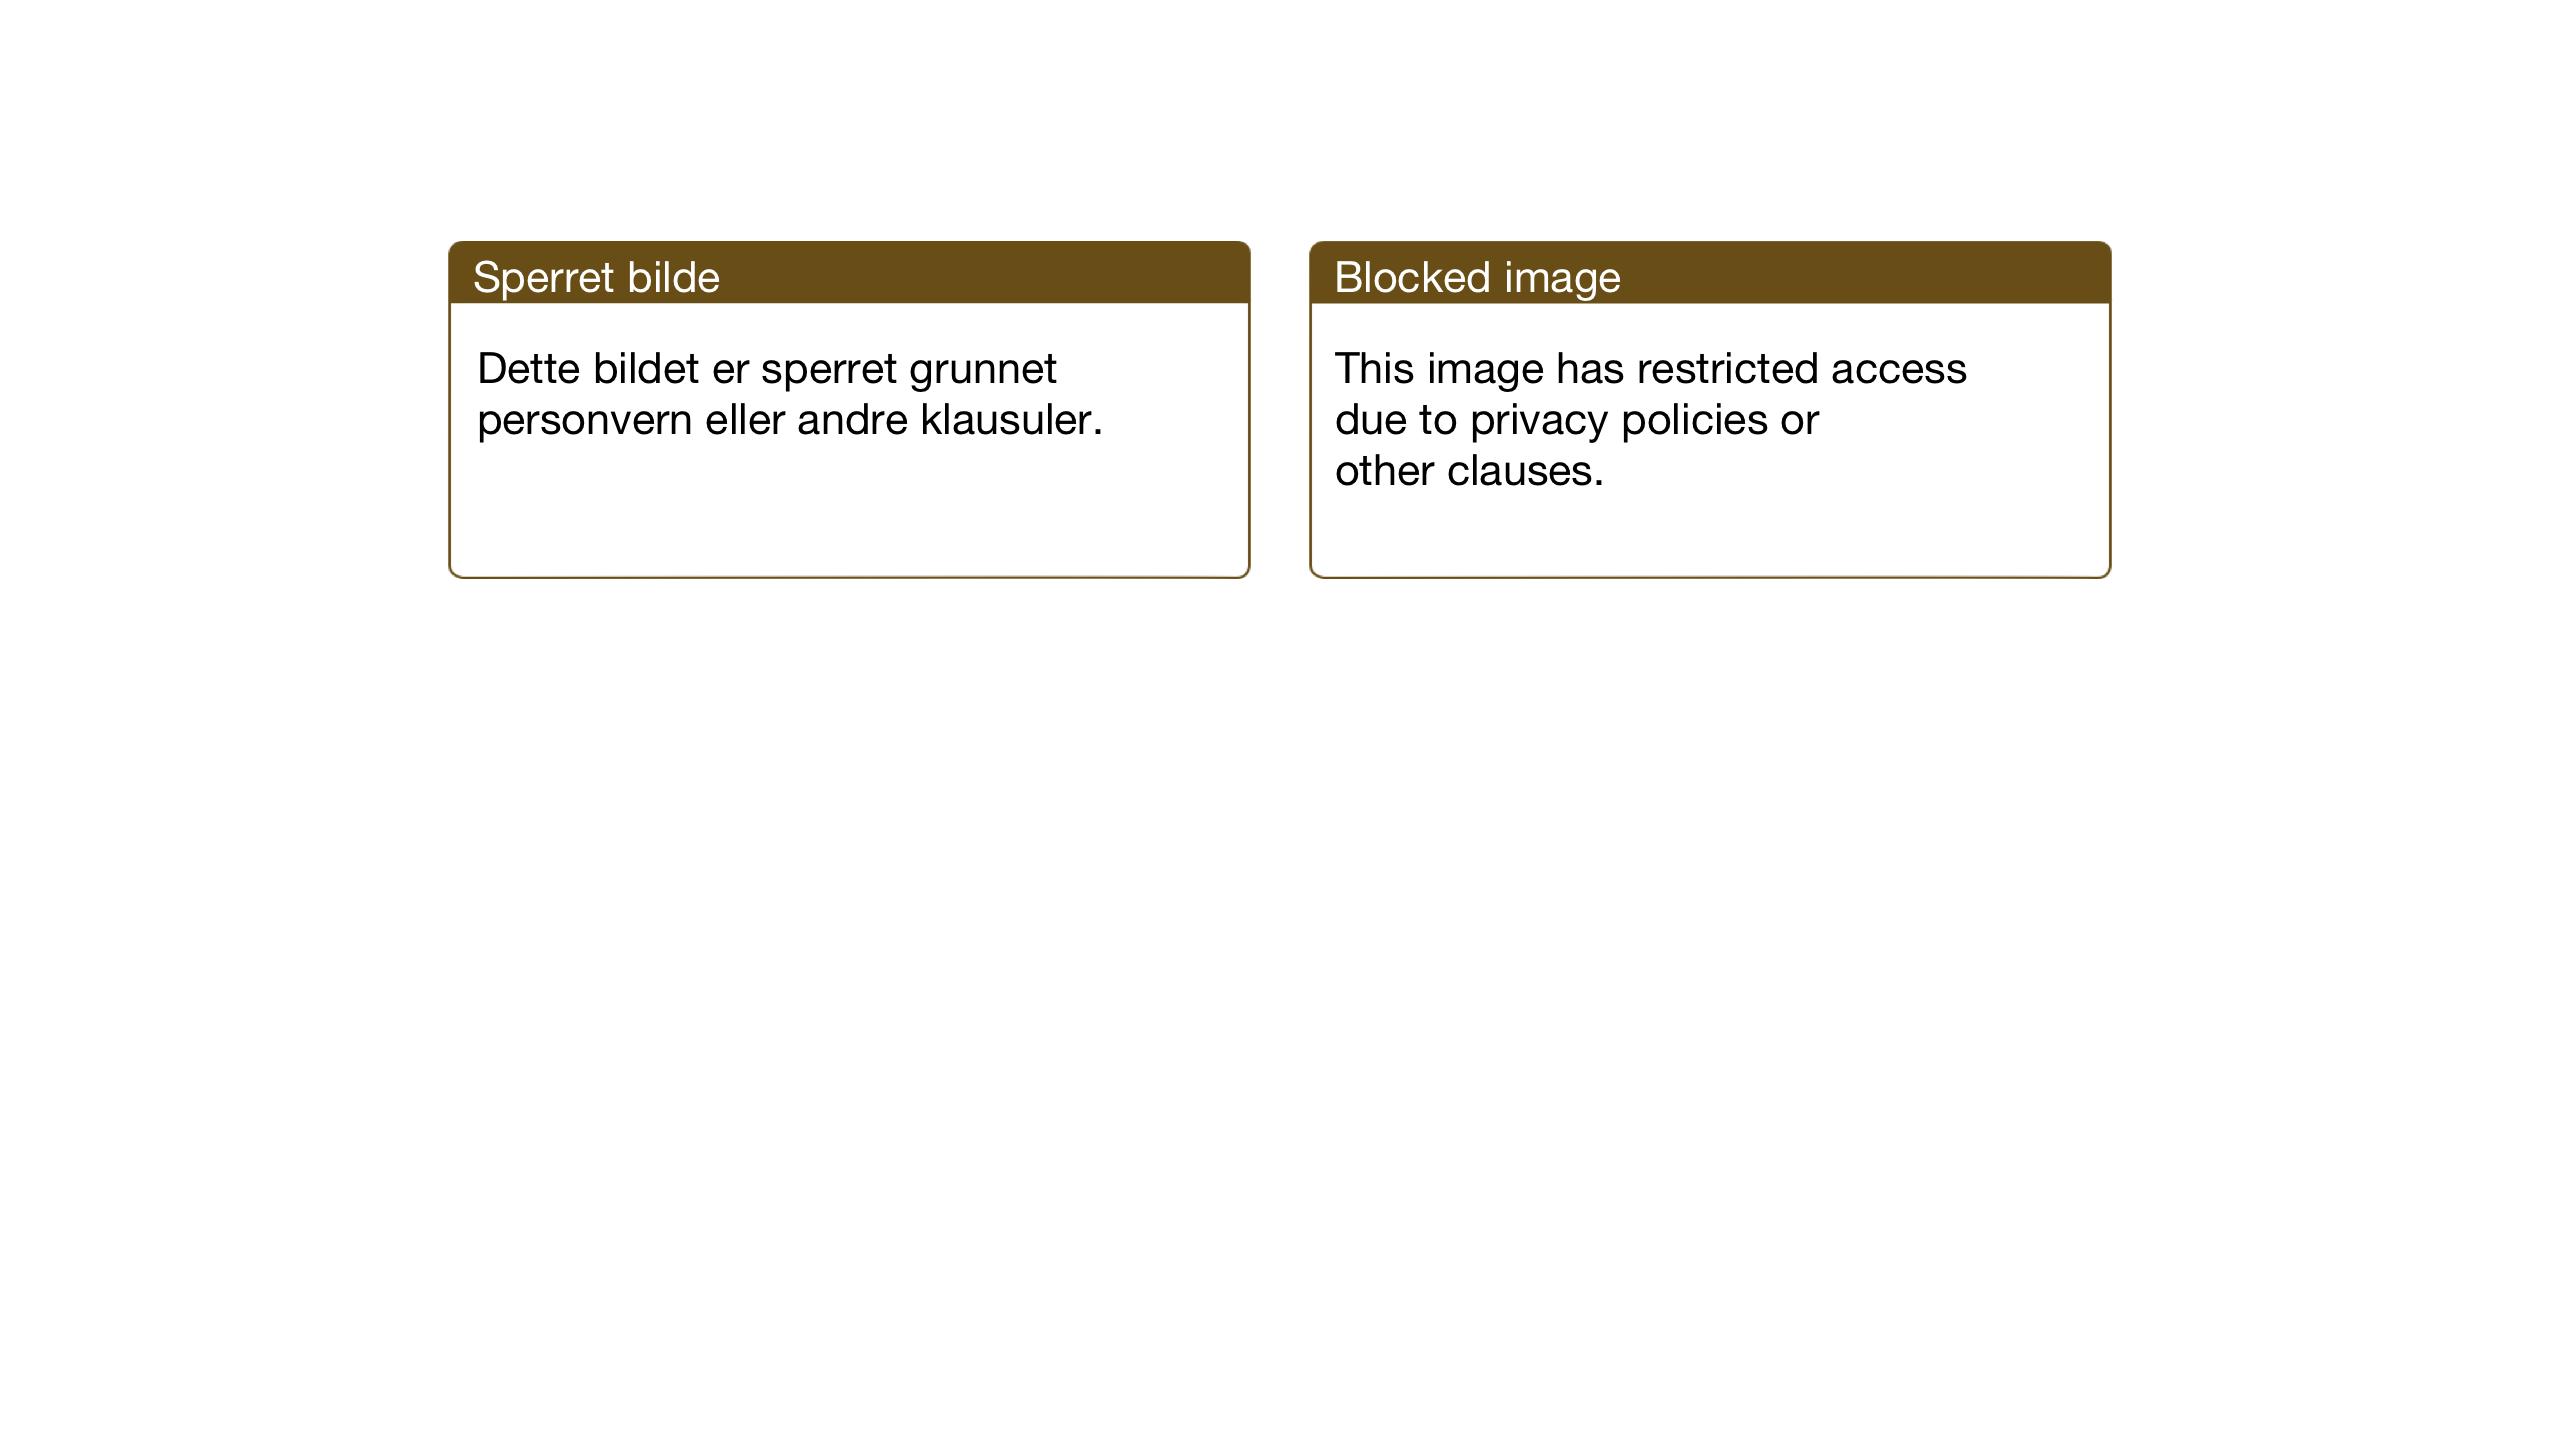 SAT, Ministerialprotokoller, klokkerbøker og fødselsregistre - Sør-Trøndelag, 607/L0328: Klokkerbok nr. 607C02, 1940-1948, s. 102